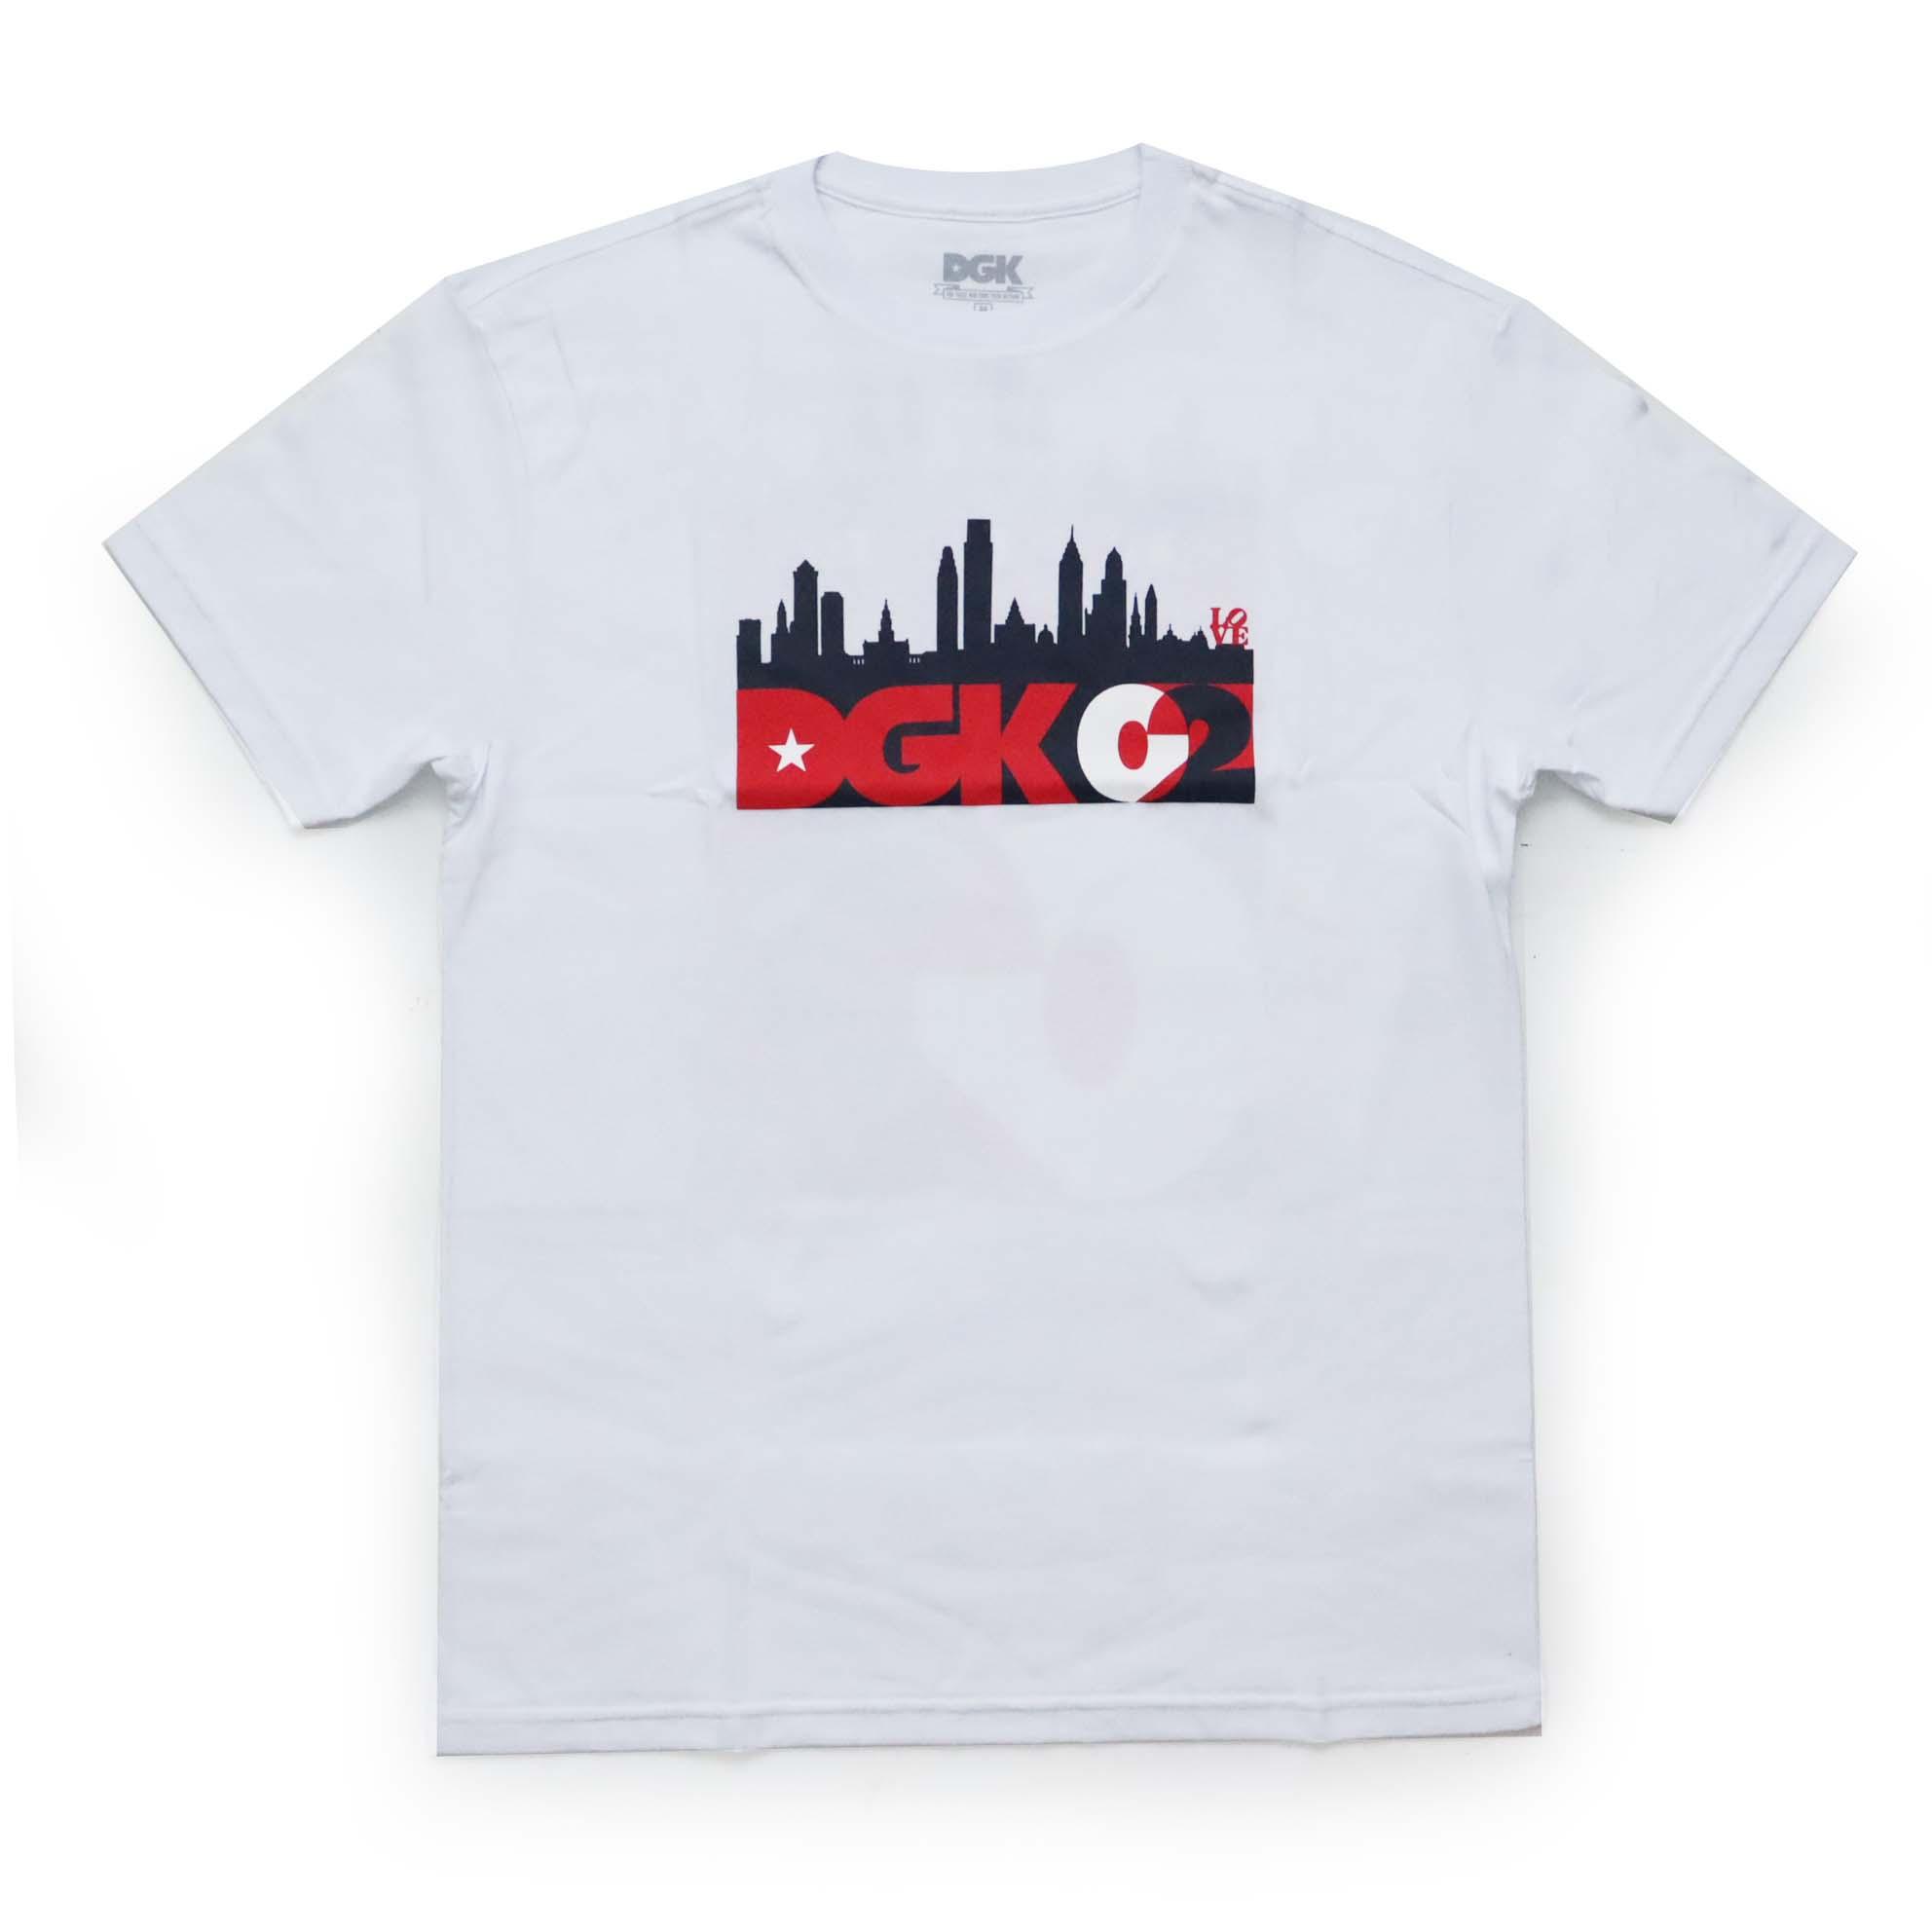 Camiseta DGK Skyline - Branco